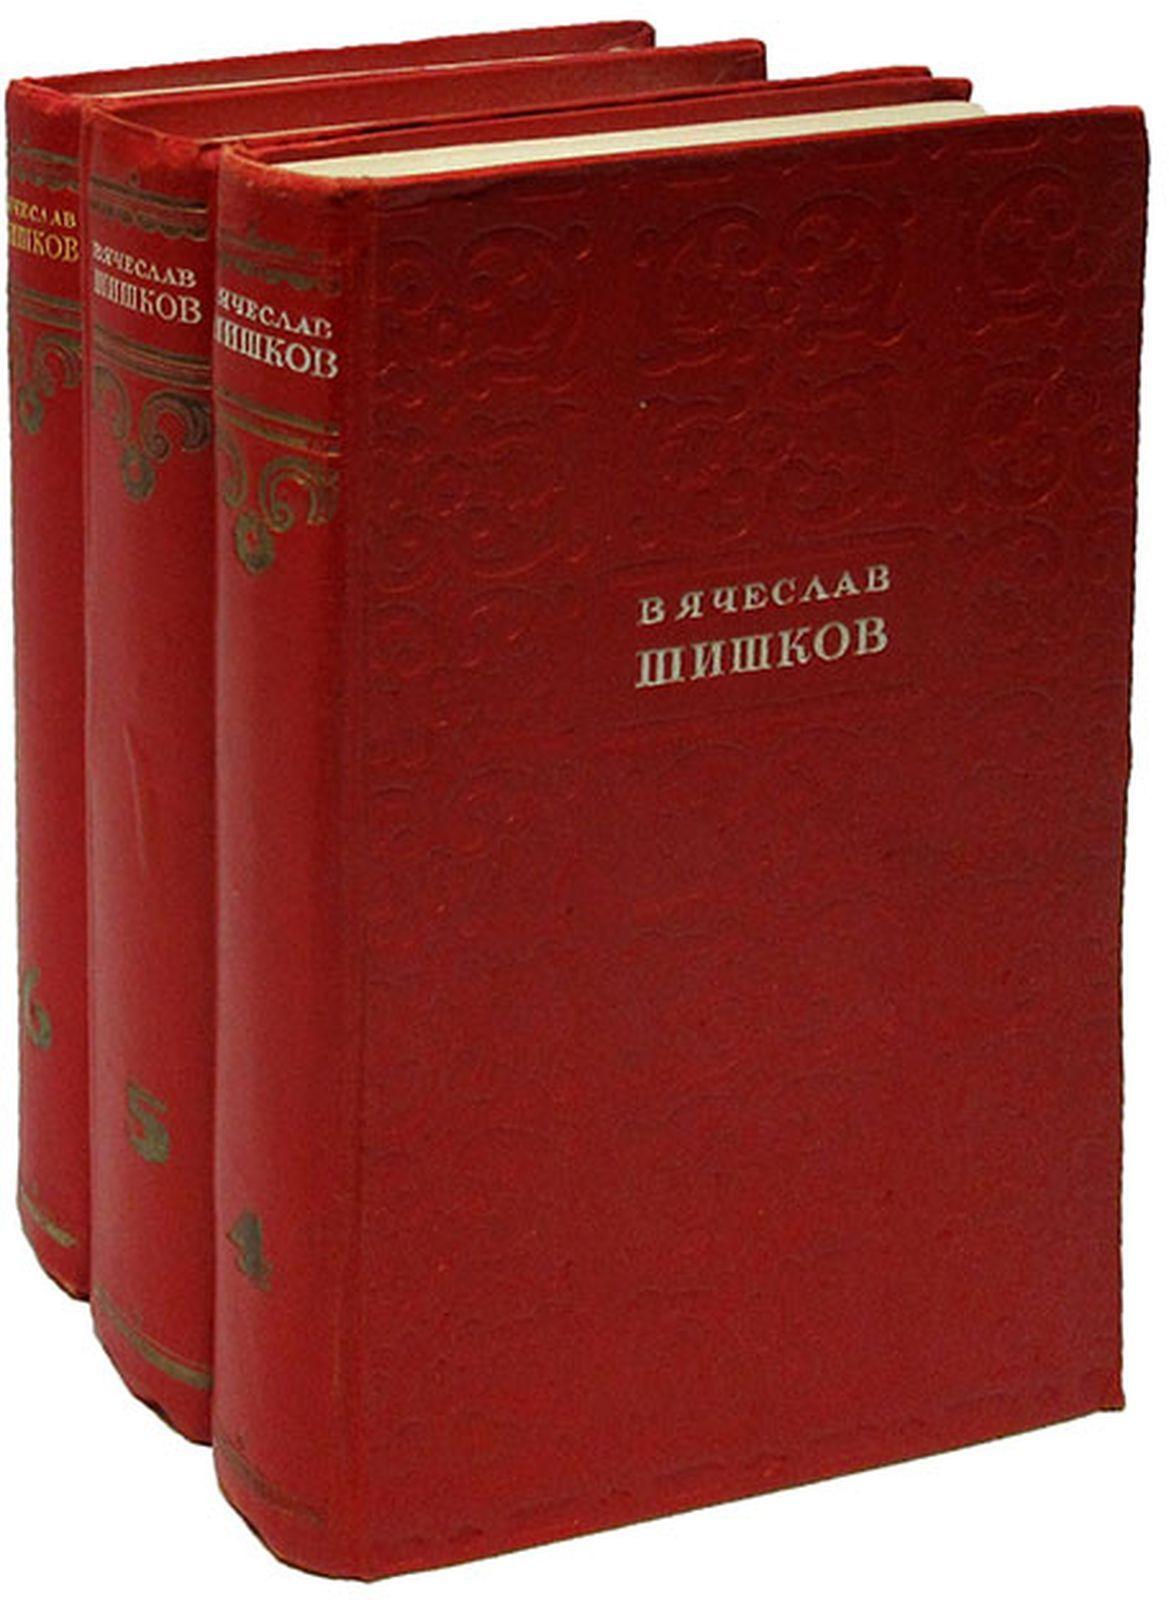 Вячеслав Шишков. Избранные сочинения в 6 томах. Тома 4-6. Емельян Пугачев (комплект из 3 книг) цены онлайн